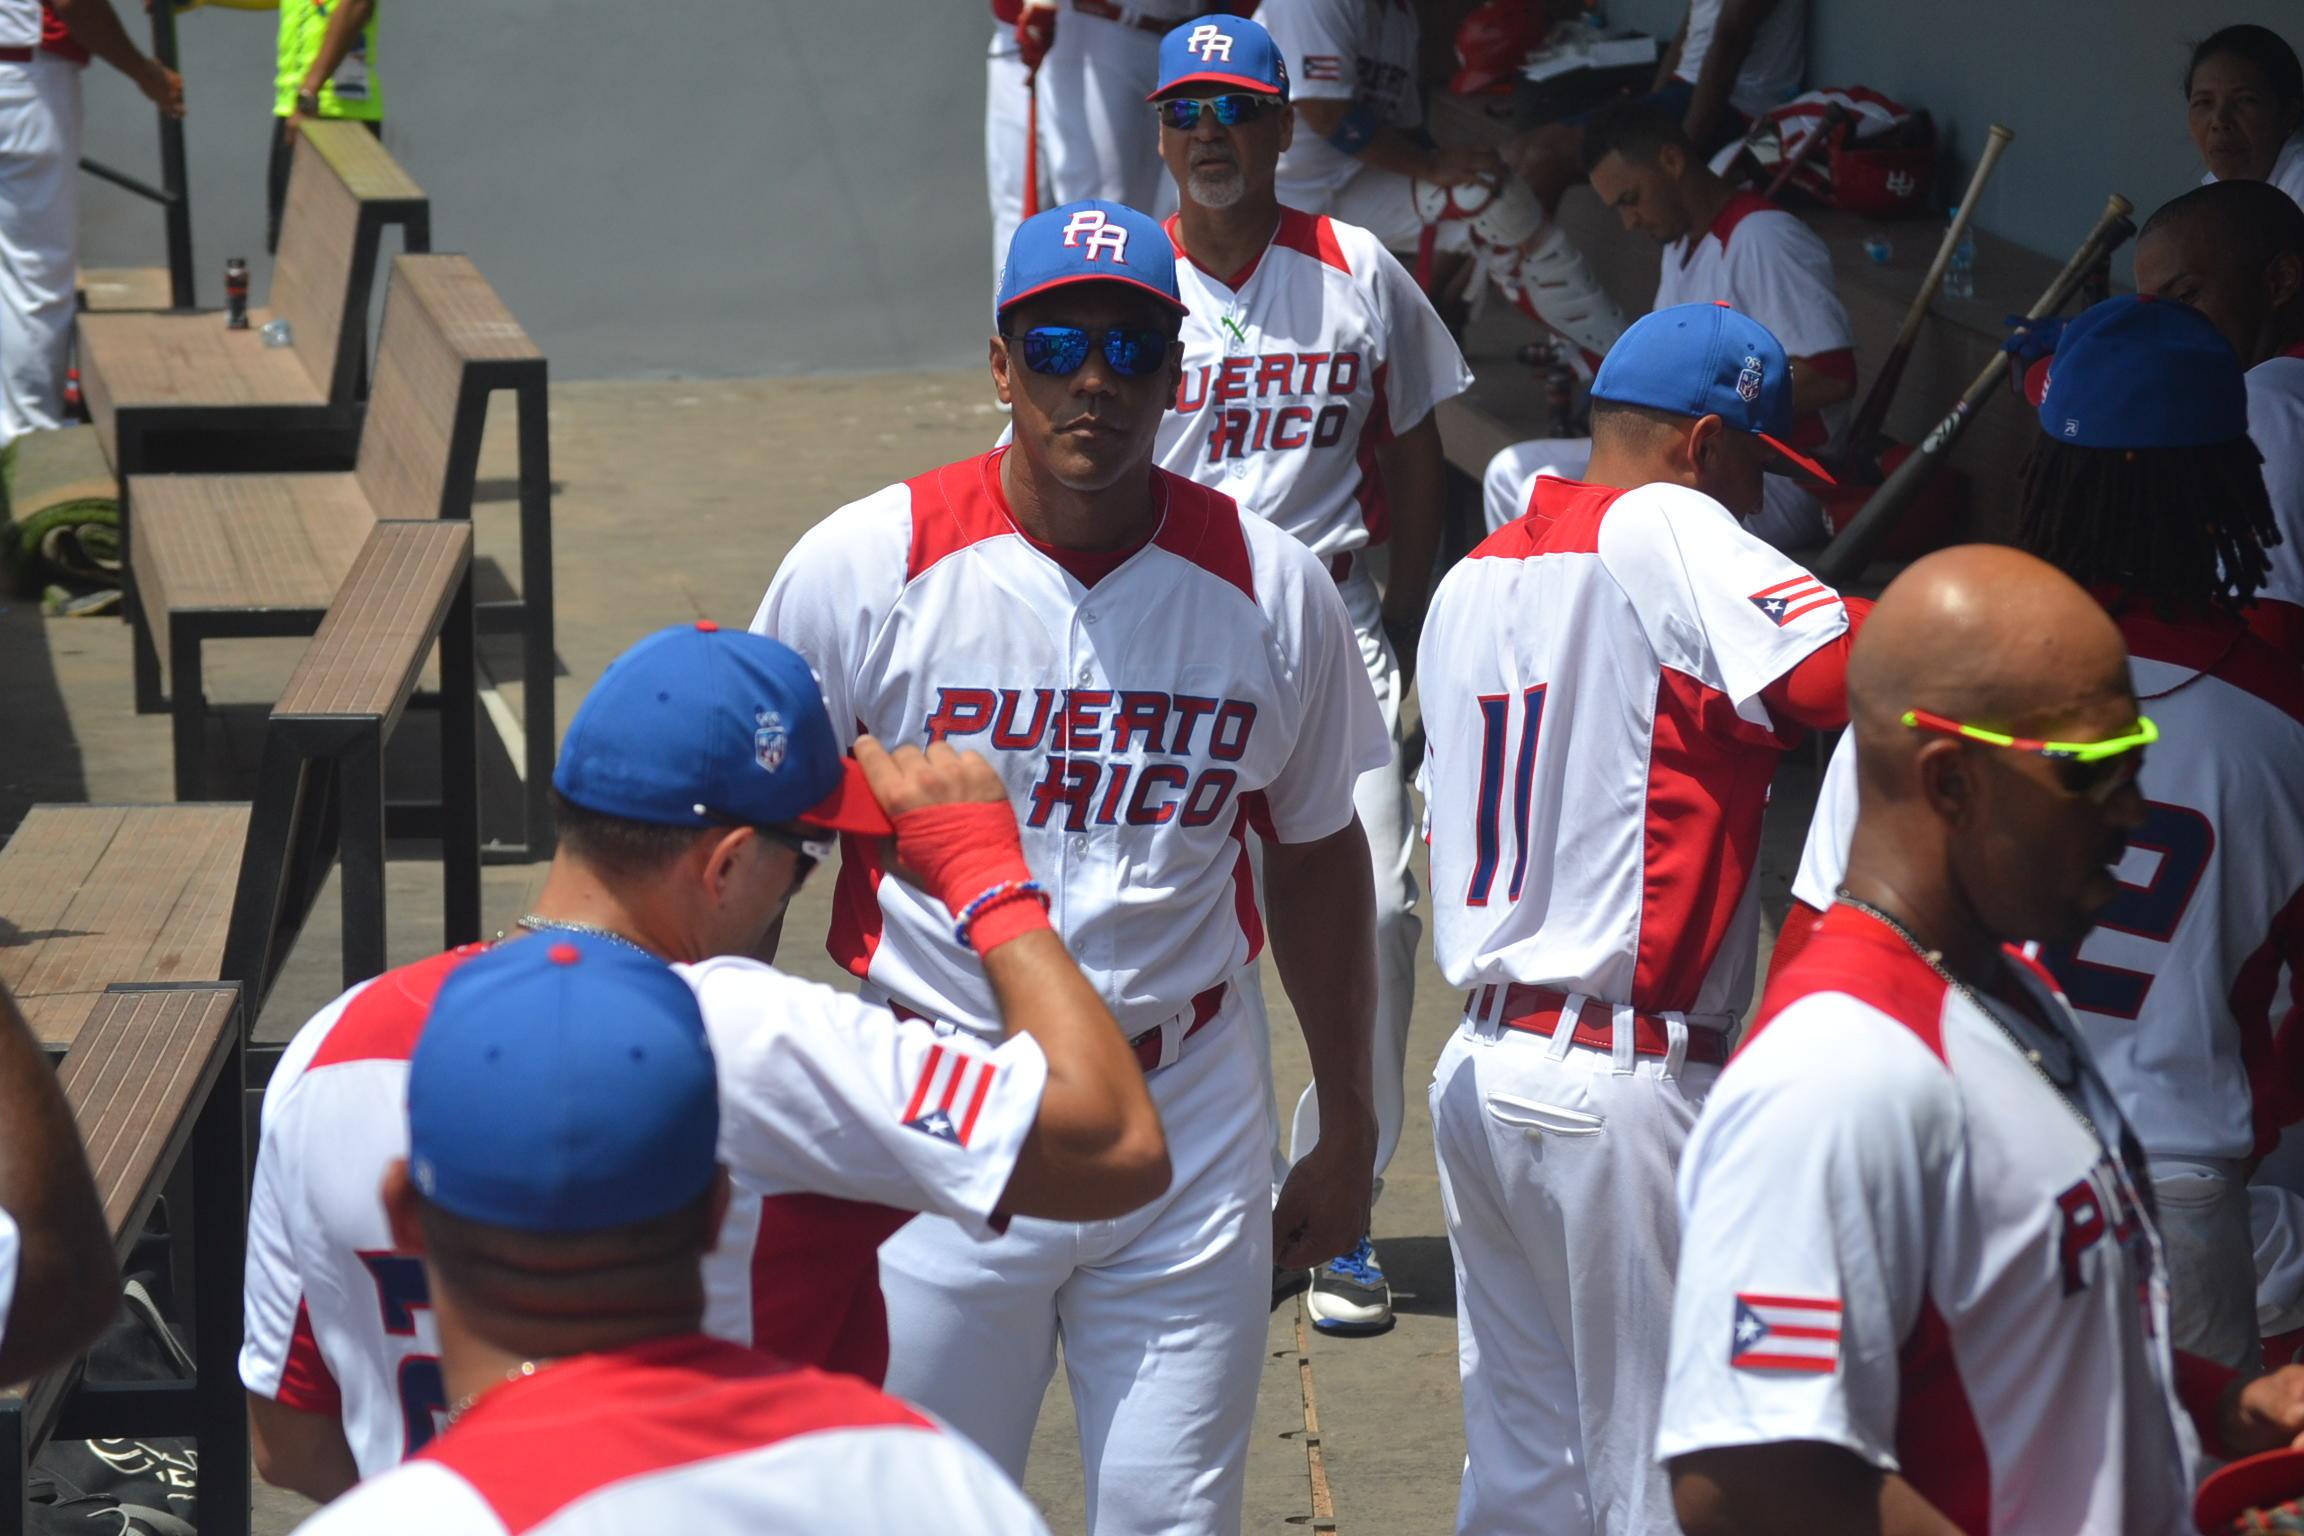 Puerto Rico comenzará su preparación para Copa del Caribe de béisbol